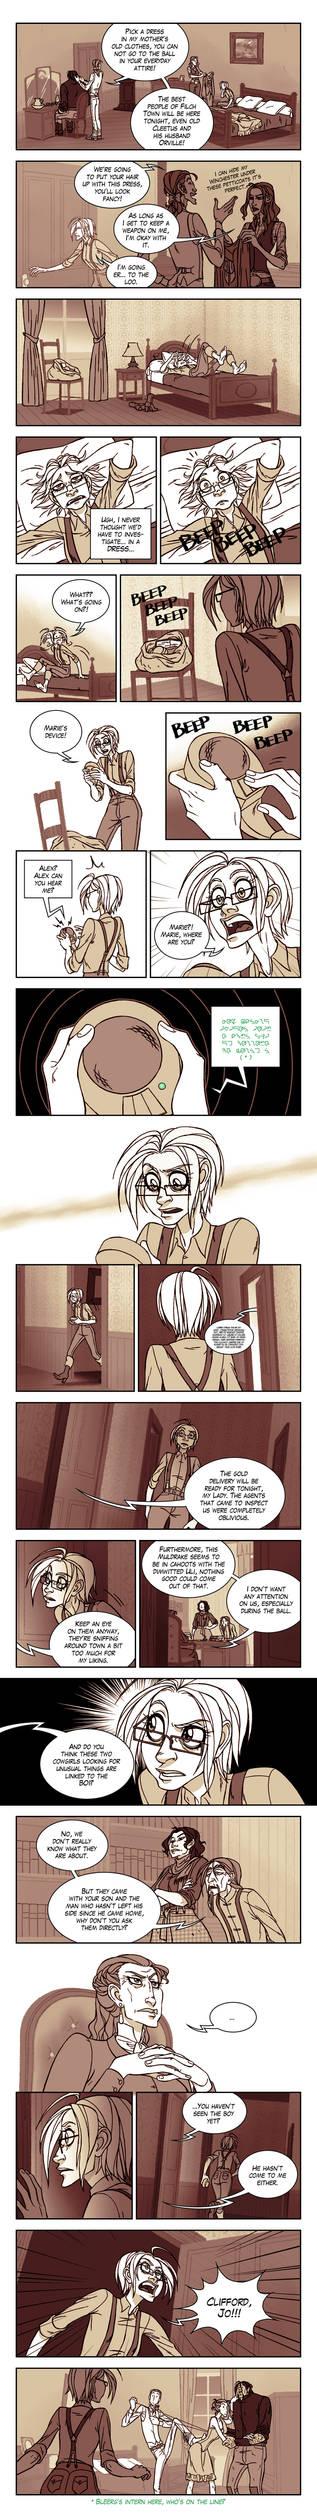 Jo strip 83